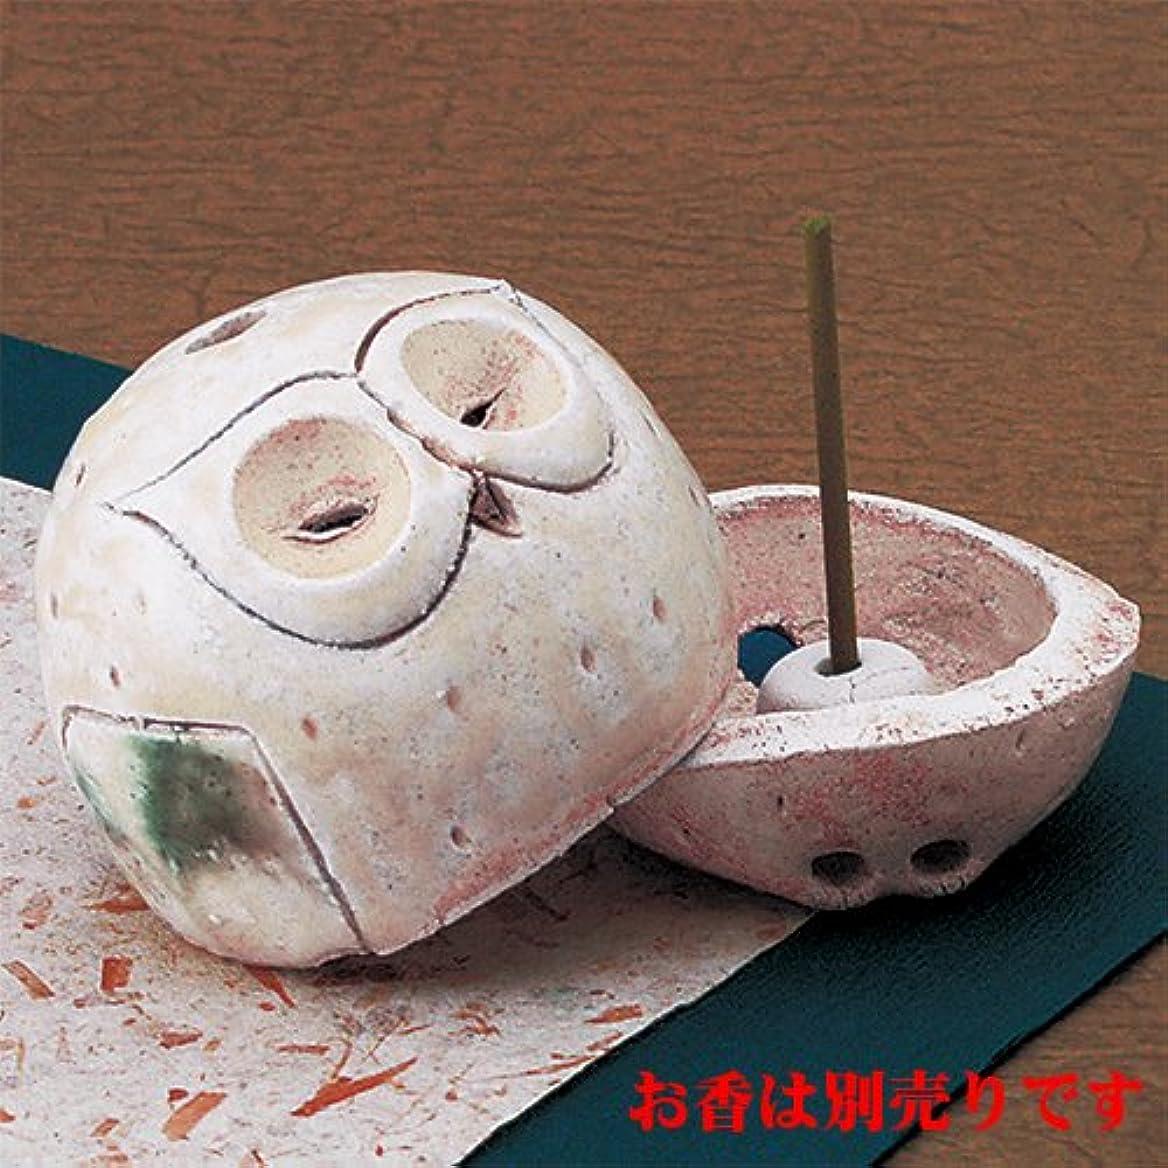 控えめな落花生ユーモラス香炉 白フクロウ 香炉 [H6.5cm] HANDMADE プレゼント ギフト 和食器 かわいい インテリア